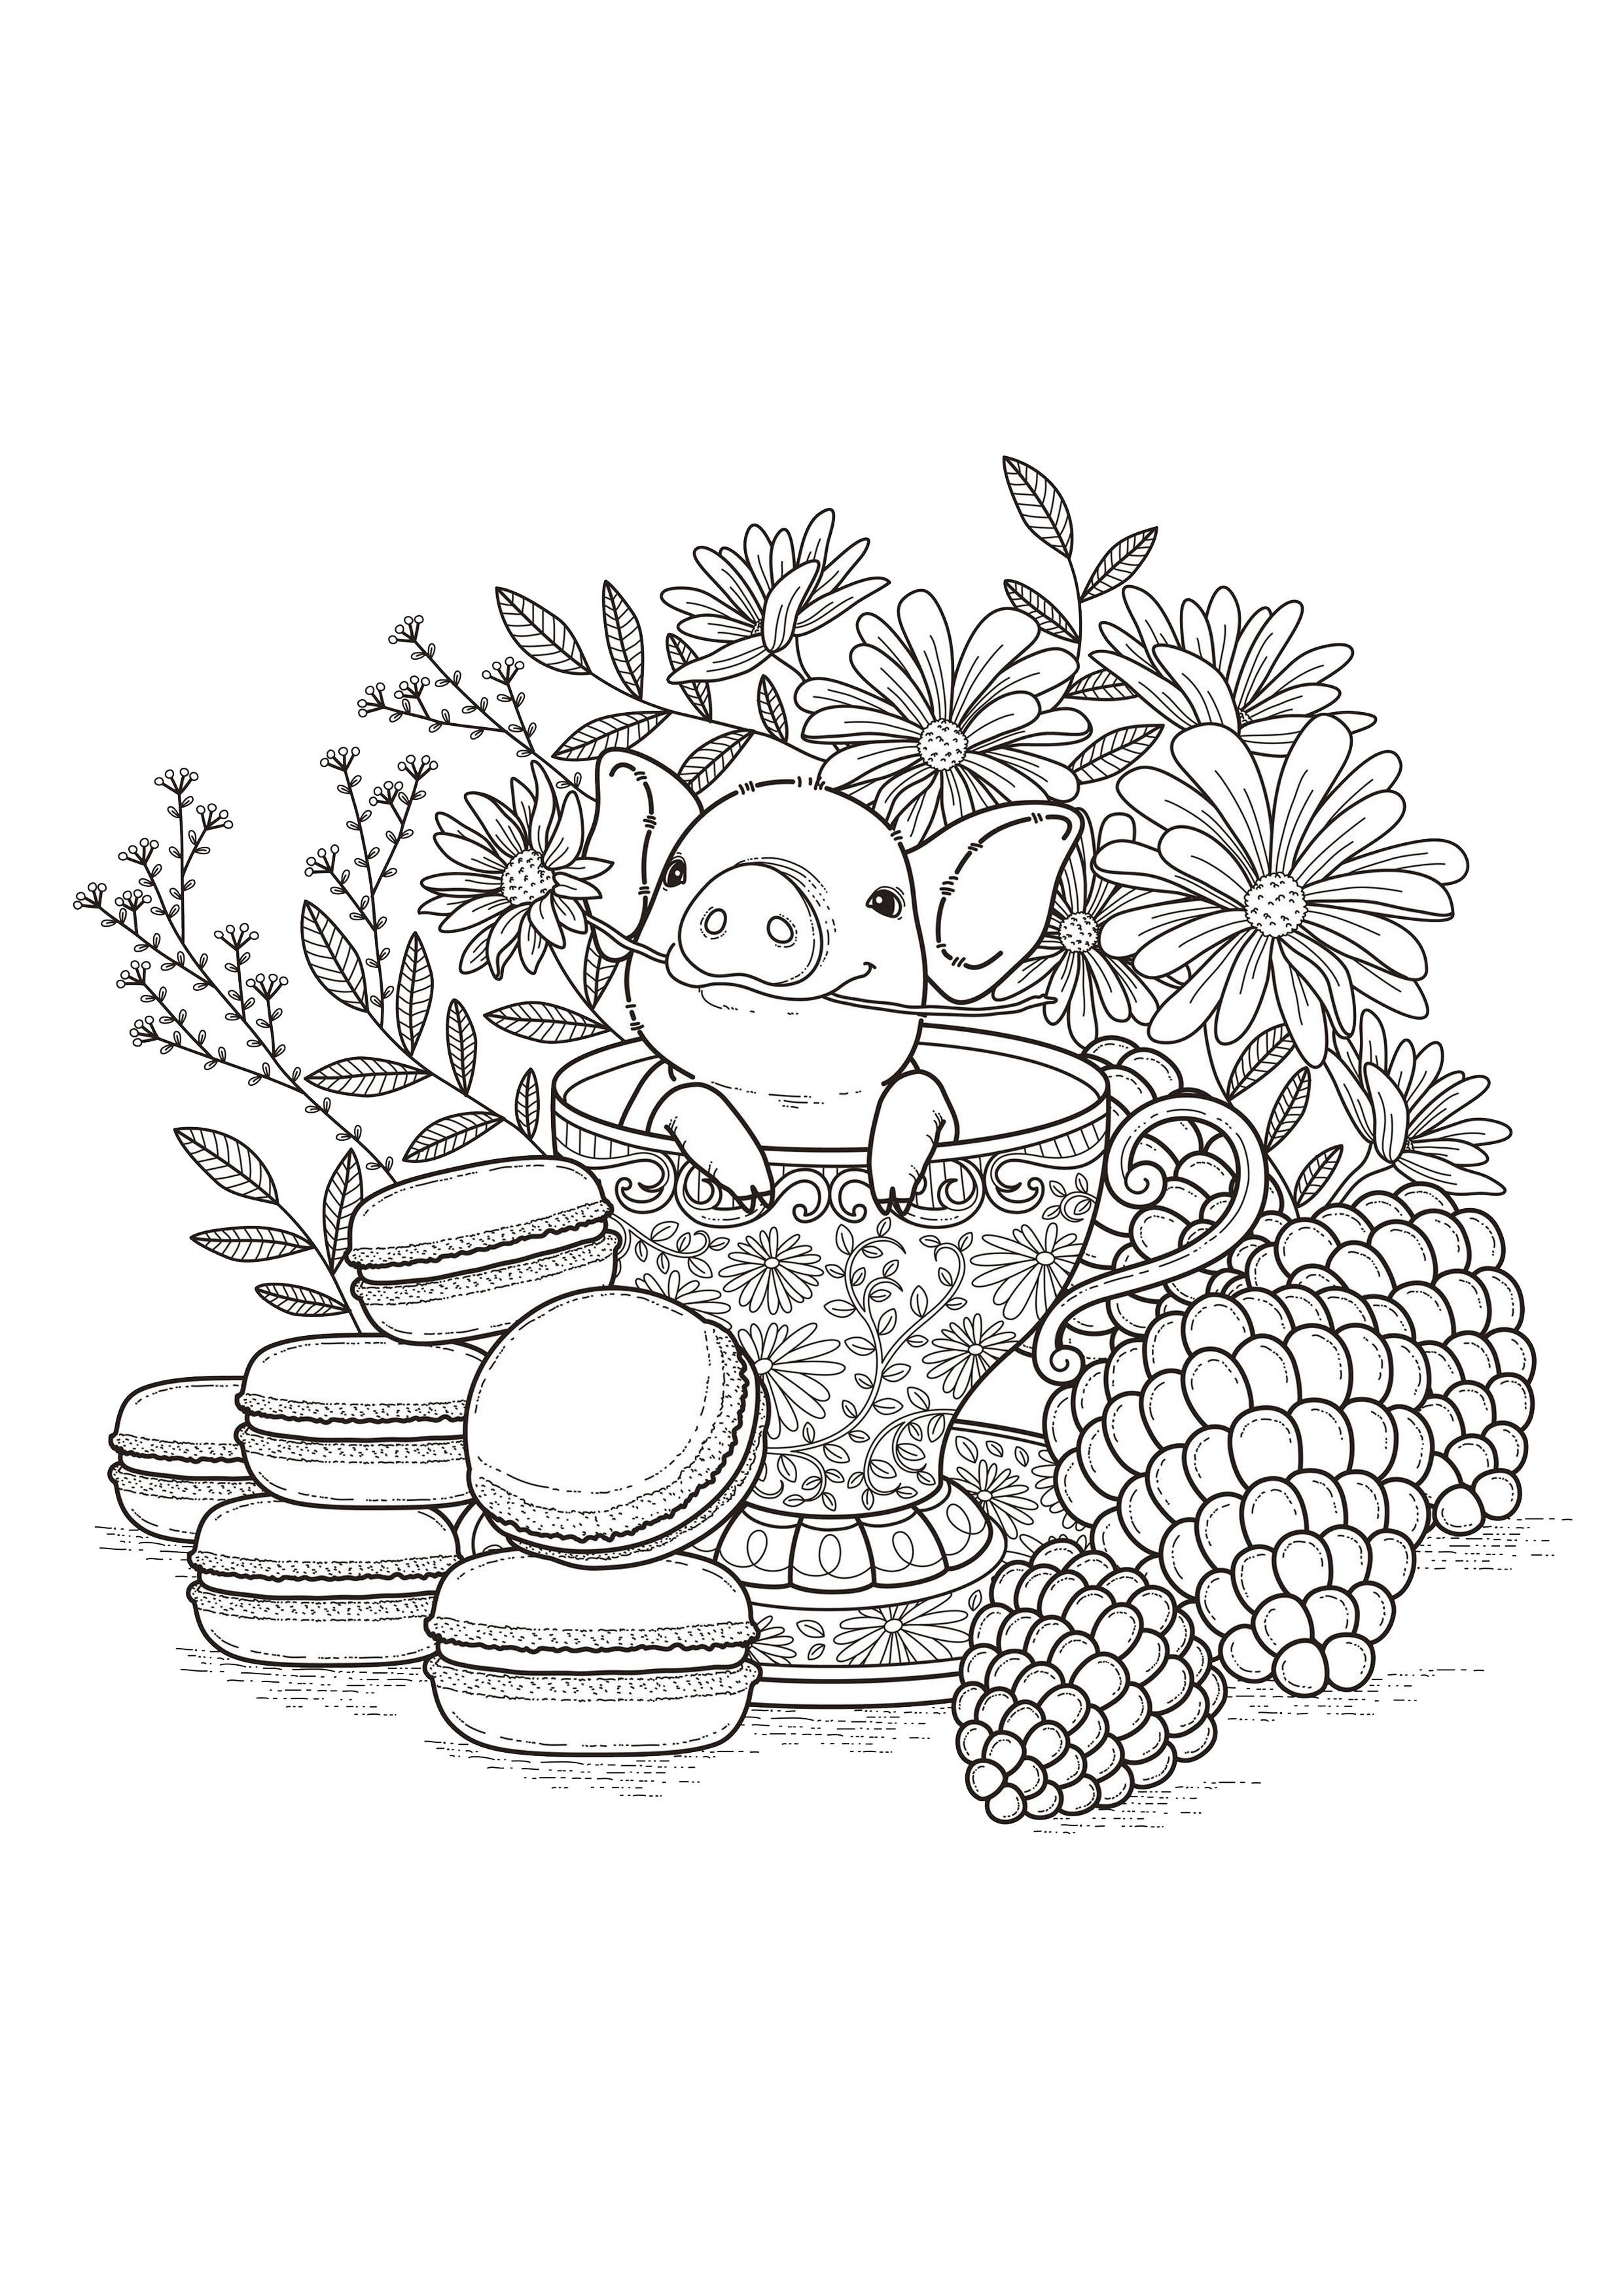 Disegni da colorare per adulti : Fiori e vegetazione - 60